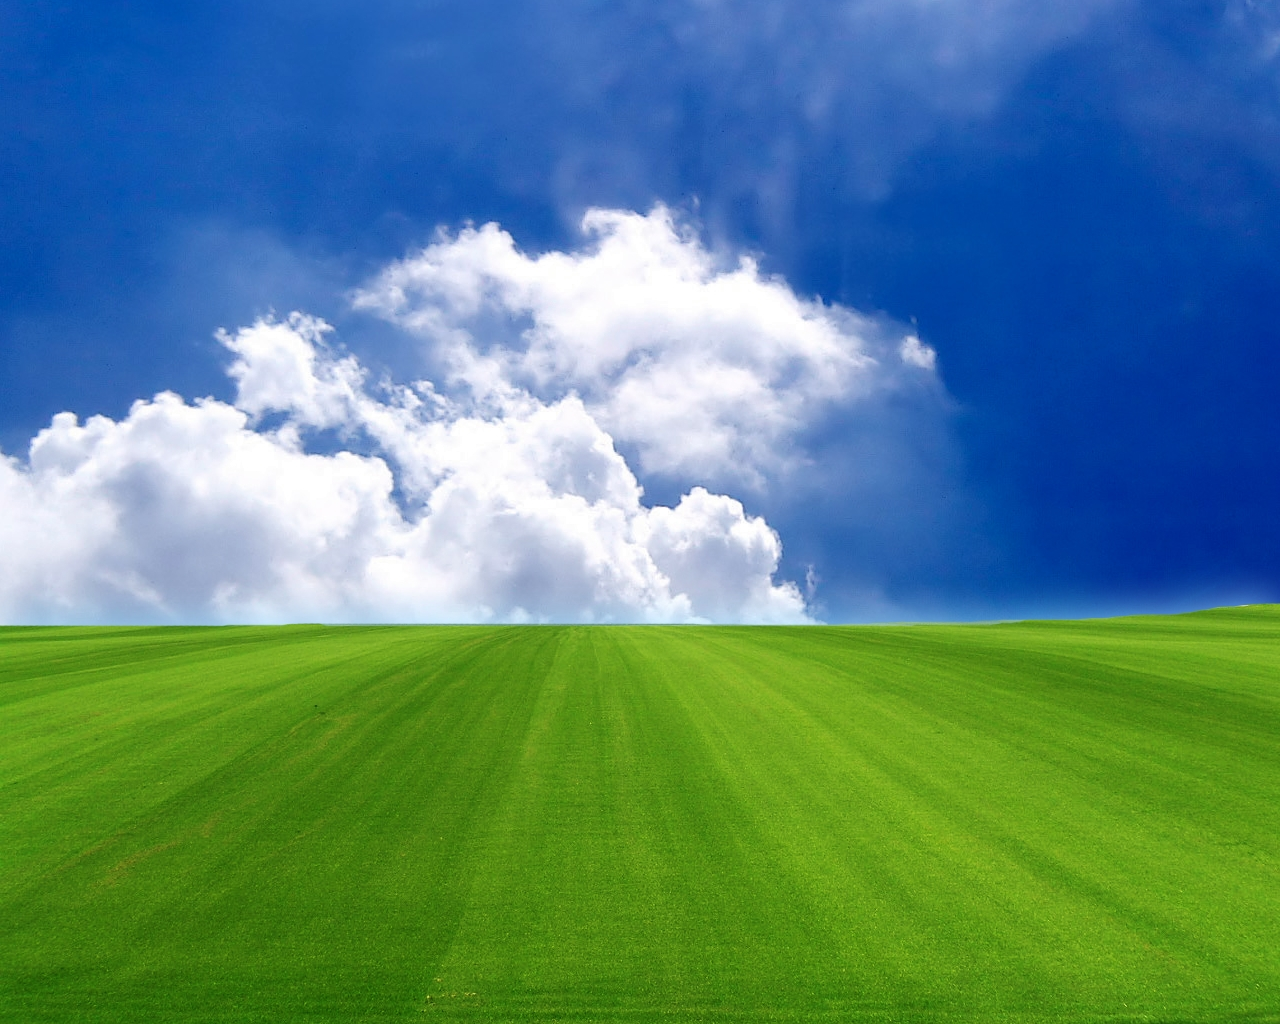 wonderstruck: clouds